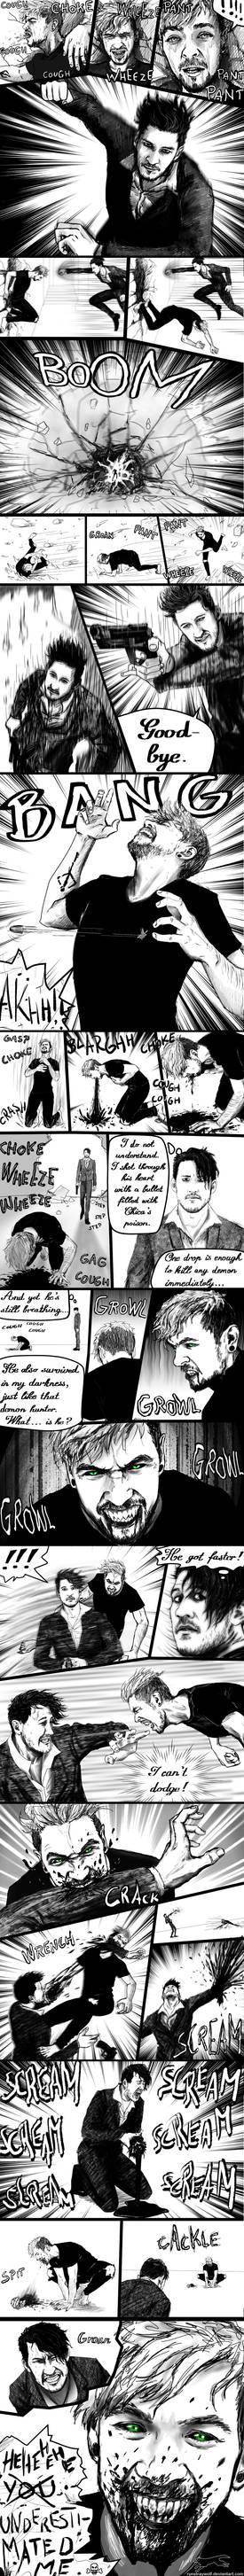 Untold mission - page 6 part 2